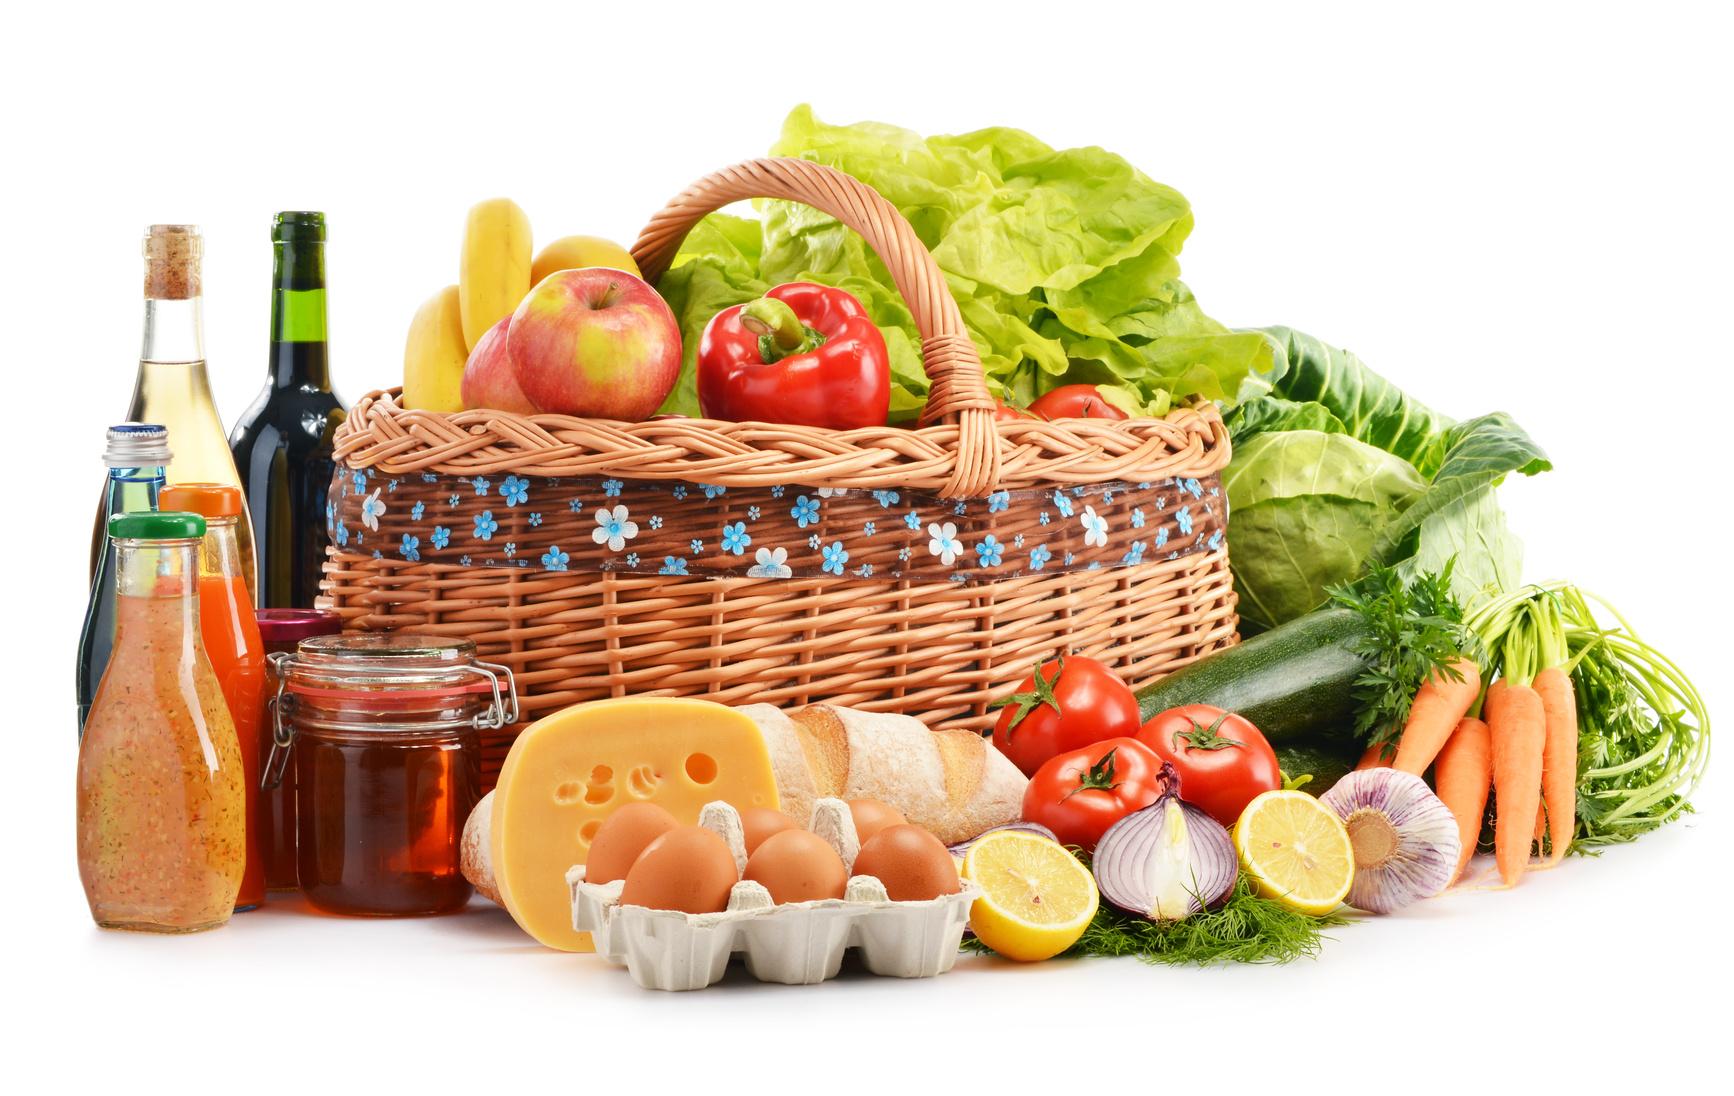 Beslenme Bozuklukları İle Sağlıklı Beslenme Arasındaki İlişki